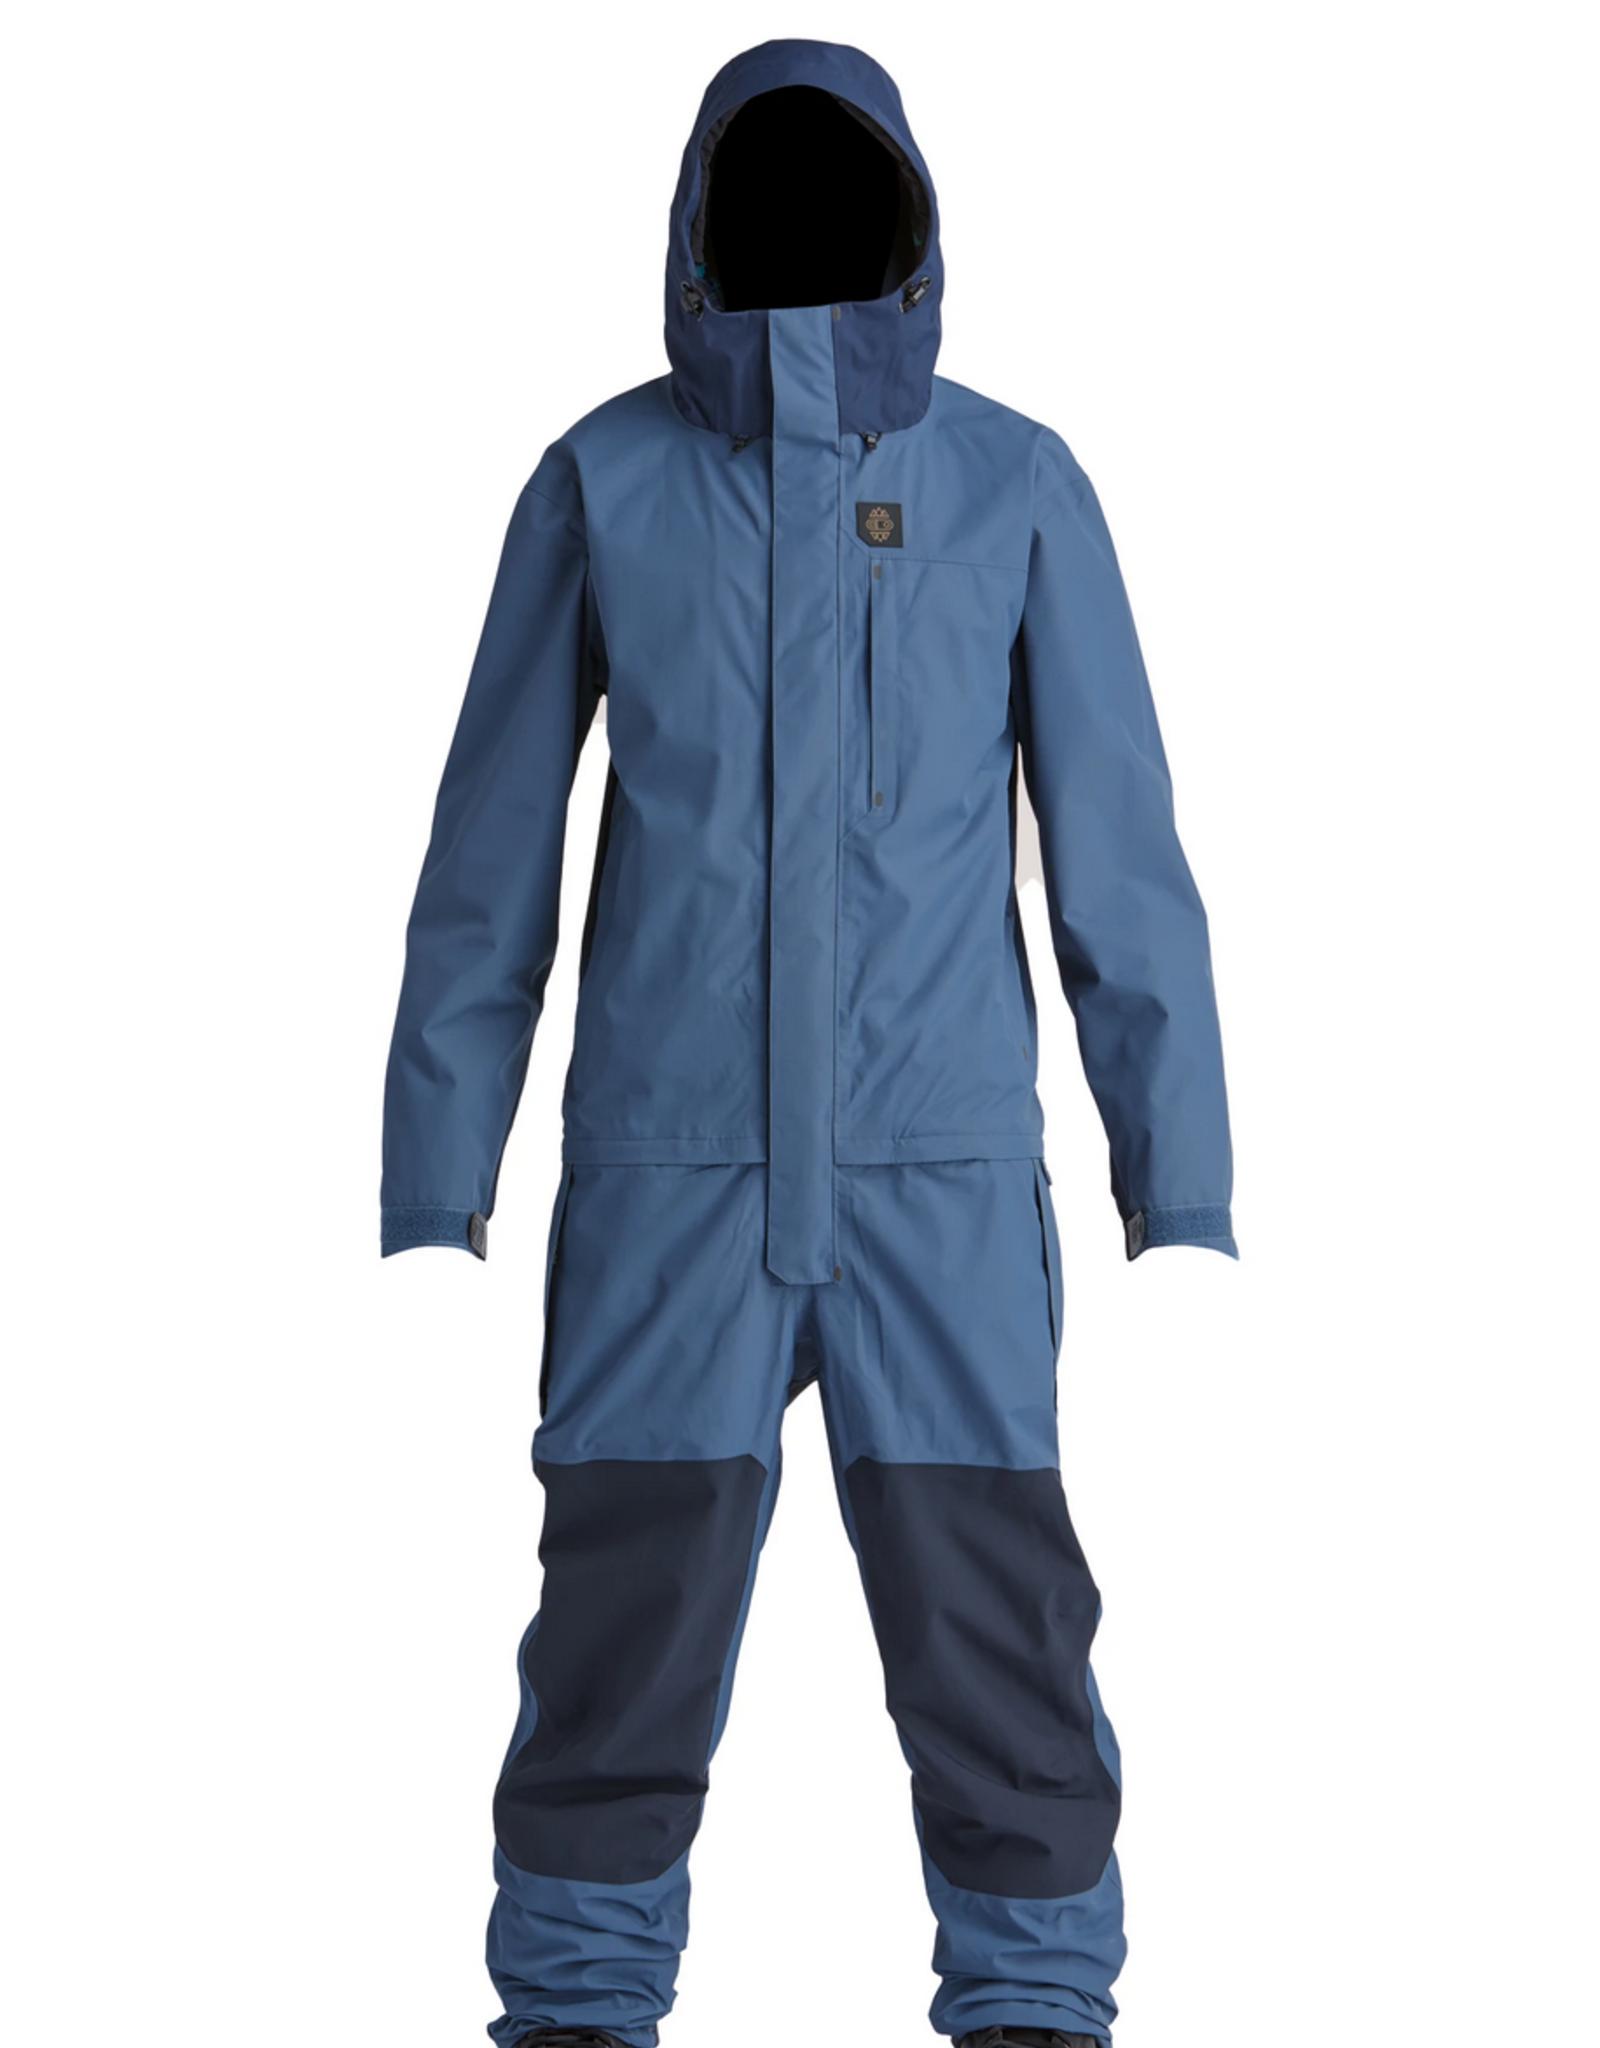 Airblaster Airblaster Beast Suit